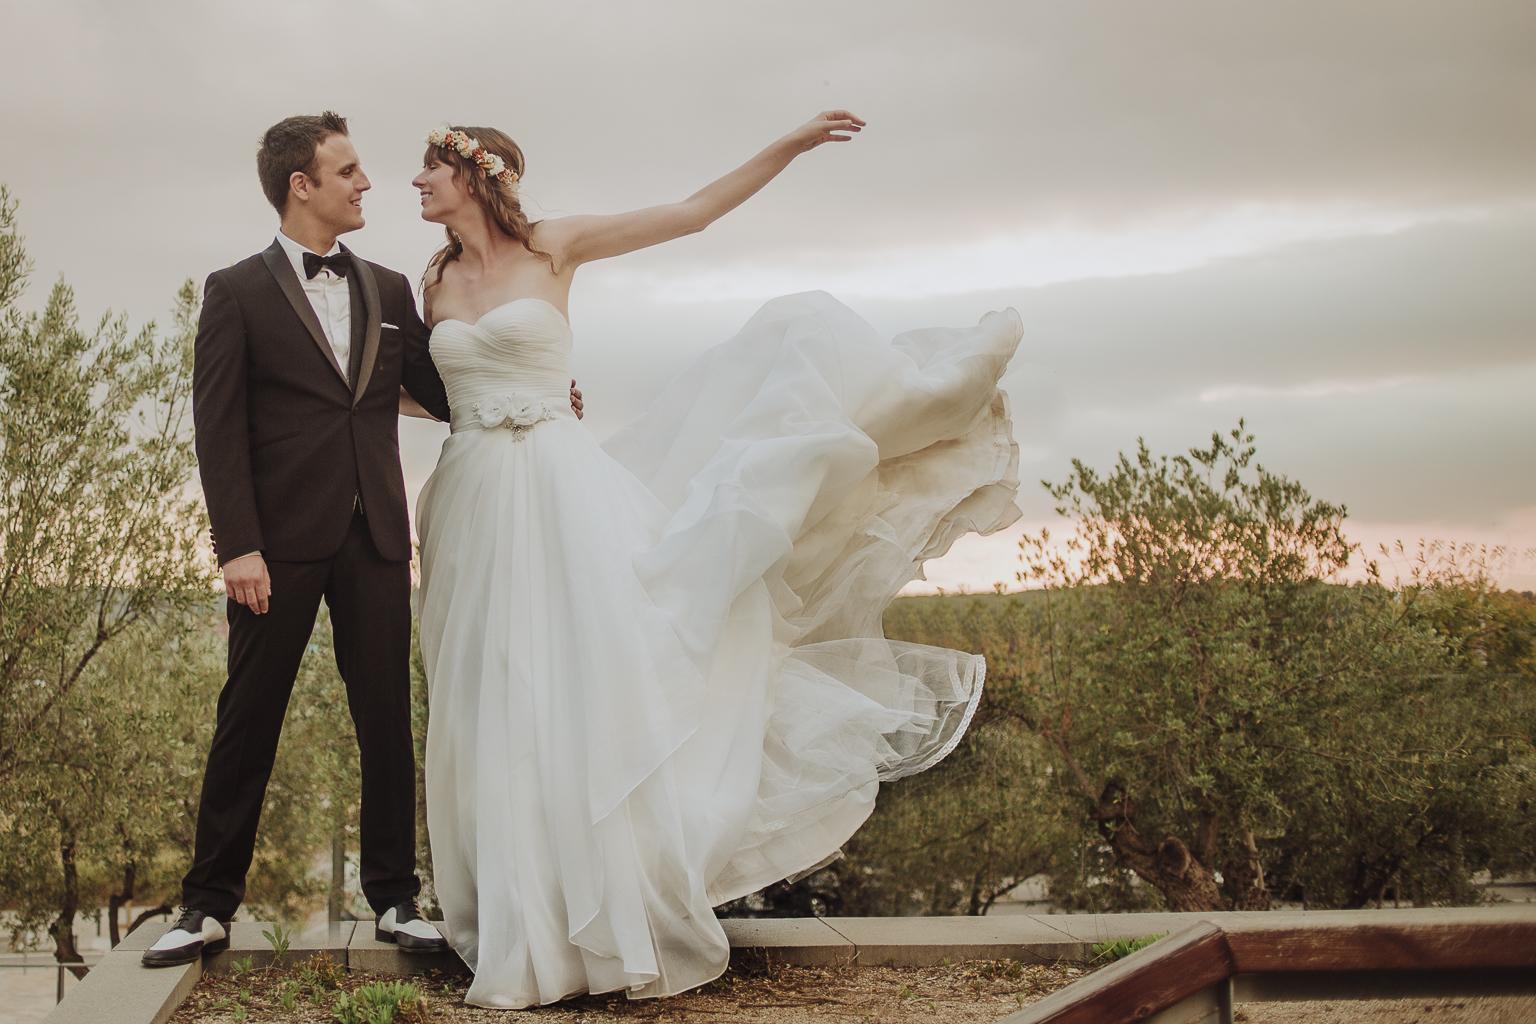 Fotógrafo de bodas Sabadell :: Boda Vegetariana :: Boda a la puesta de sol :: Boda romántica :: Boda inernacional :: Boda en el Campo :: Boda Urbana :: Boda en Barcelona